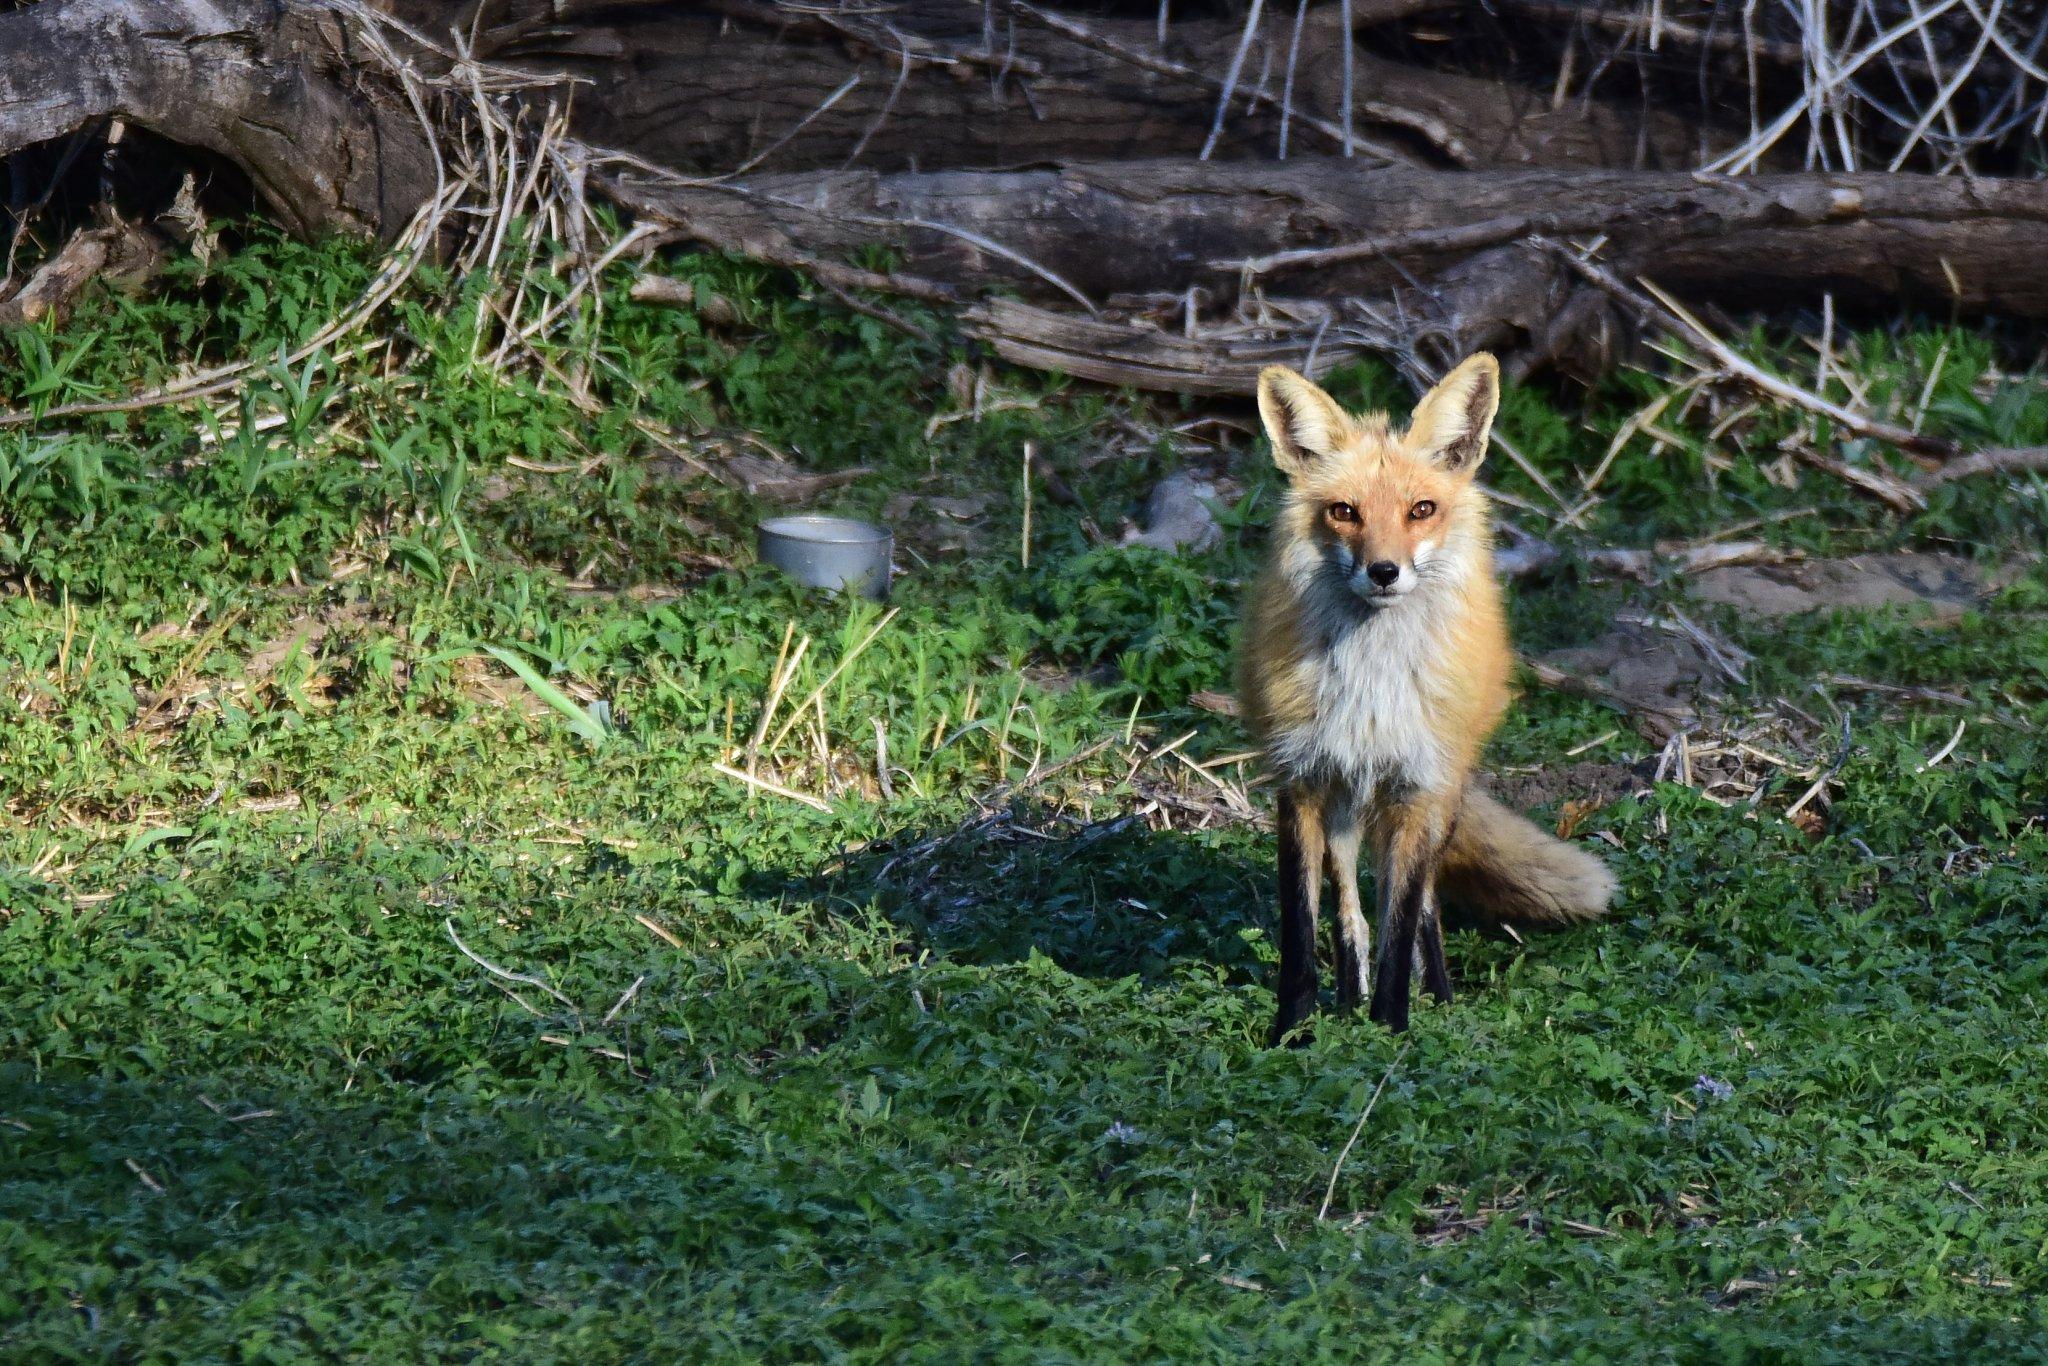 Fox_042419 (136)resize.JPG